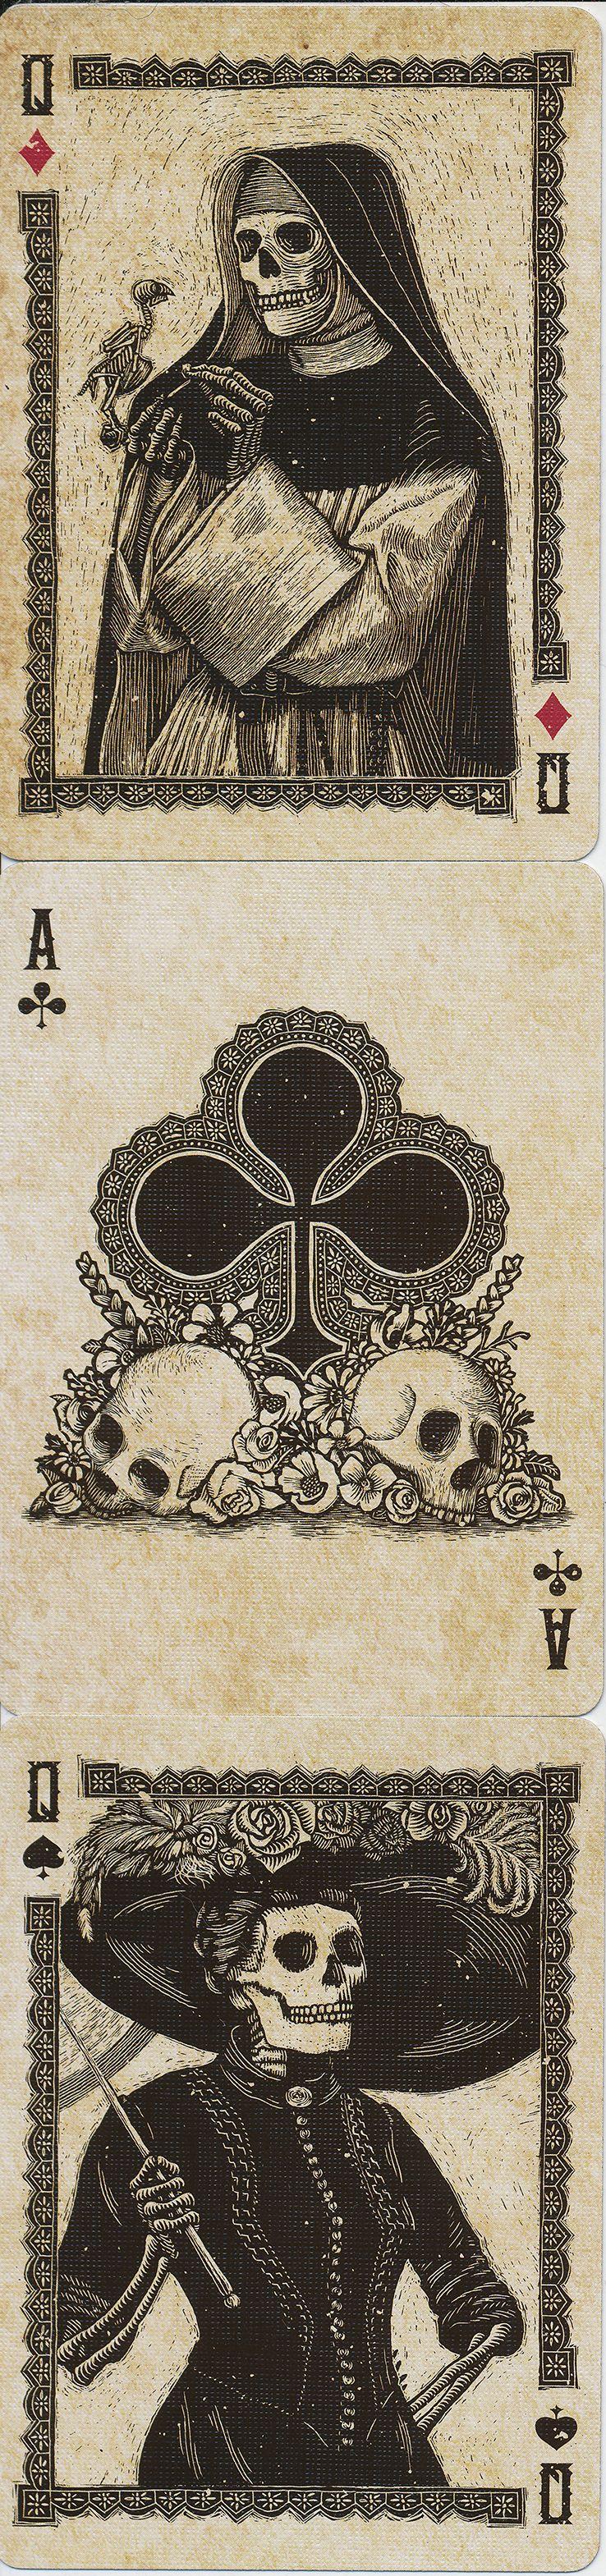 Dia de los Muertos - Calaveras Playing Cards